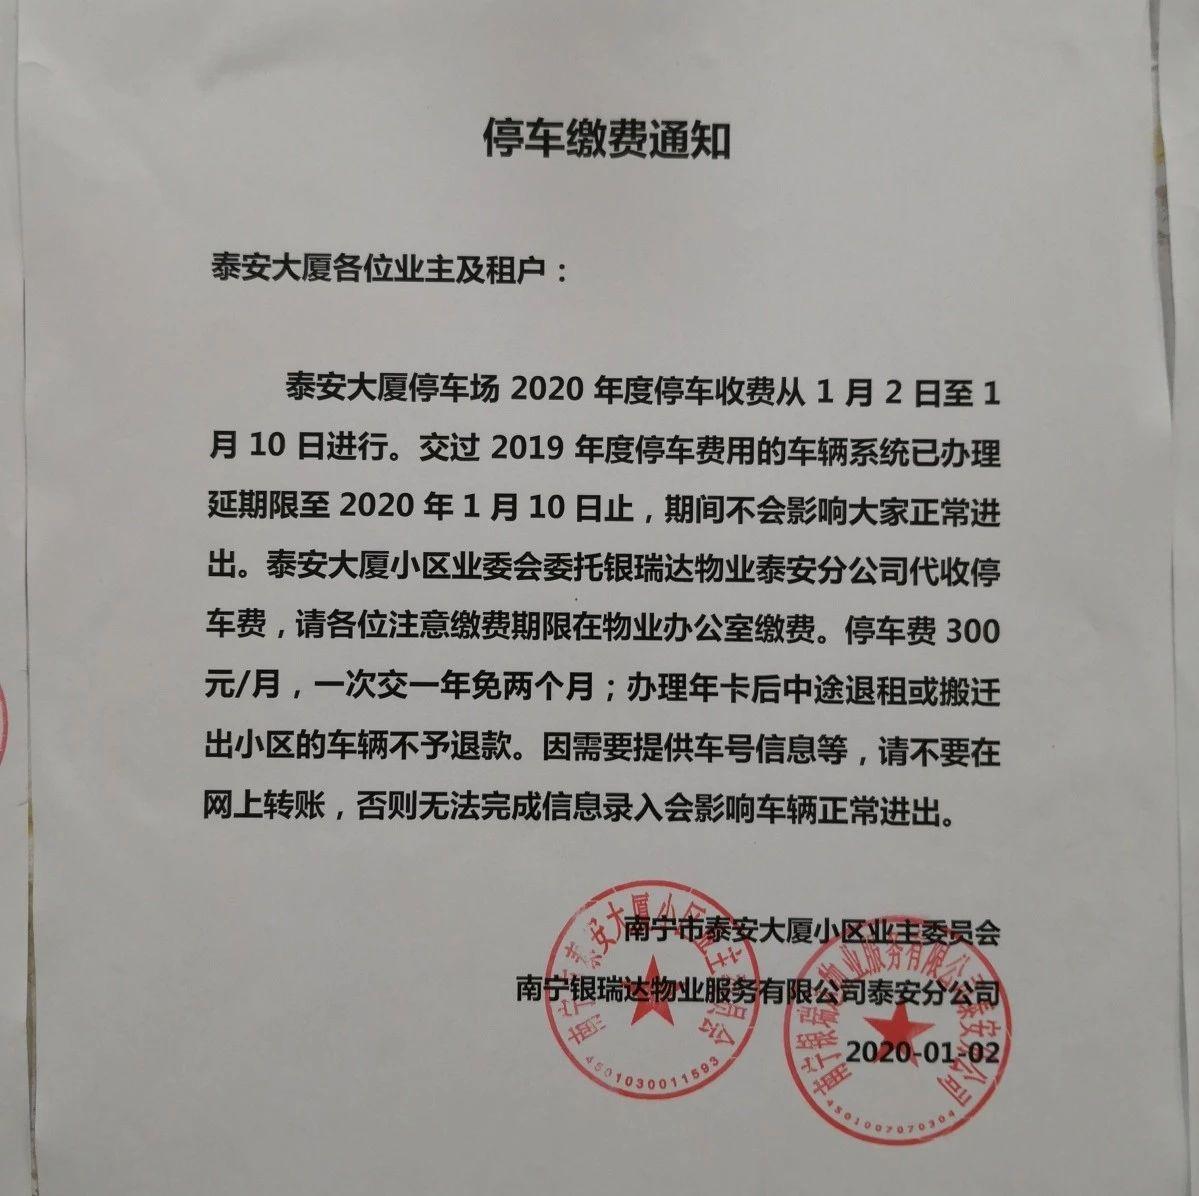 南宁一小区停车费涨价近六成 居民:没有收到征求意见